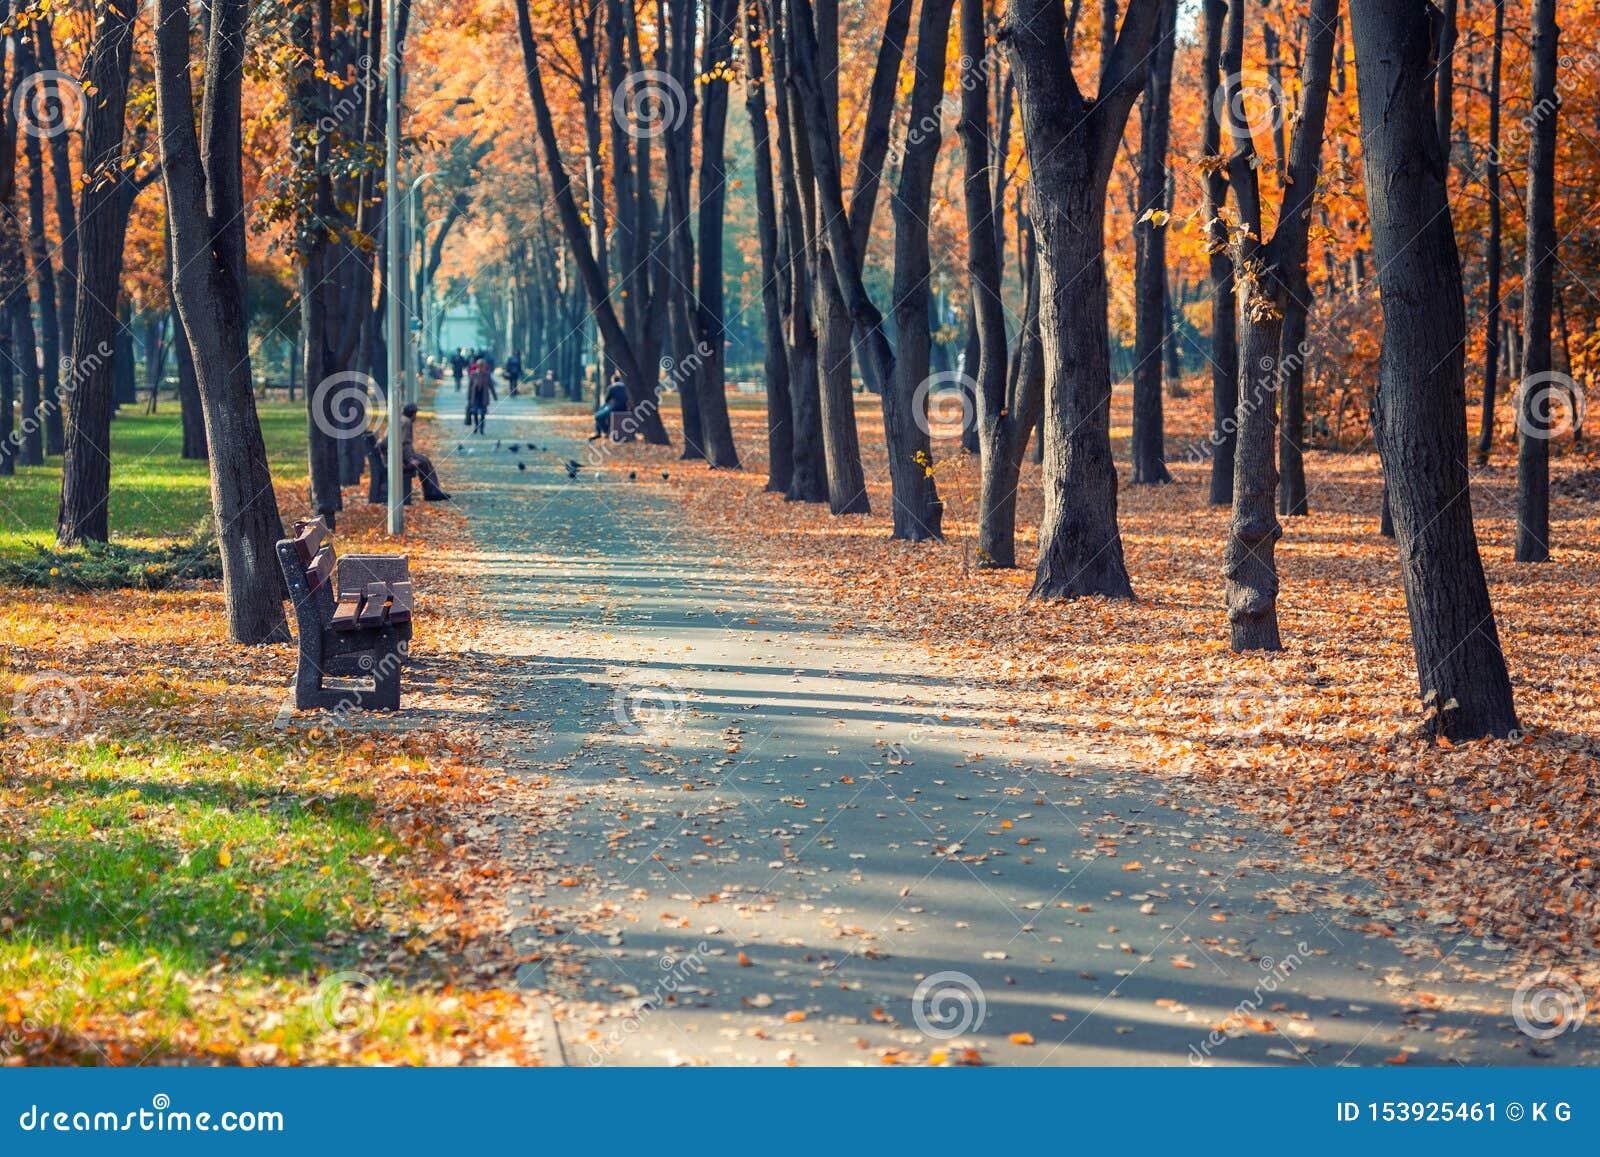 有长凳的美丽的风景早期的秋天胡同在树和金黄色的叶子醉汉之间在城市公园 人行道